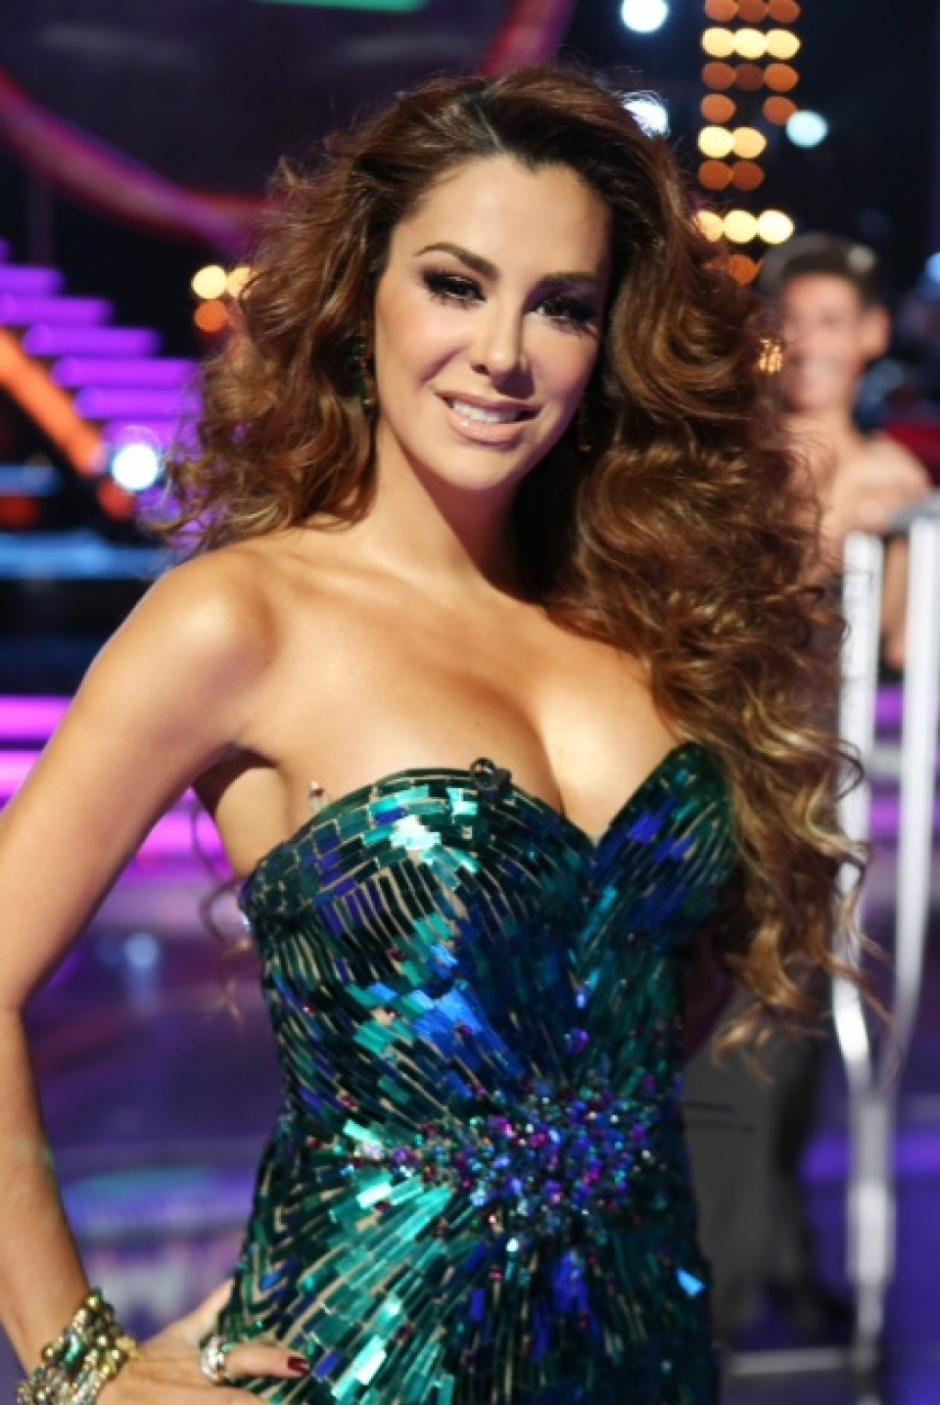 Ninel Conde es una cantante y actriz mexicana